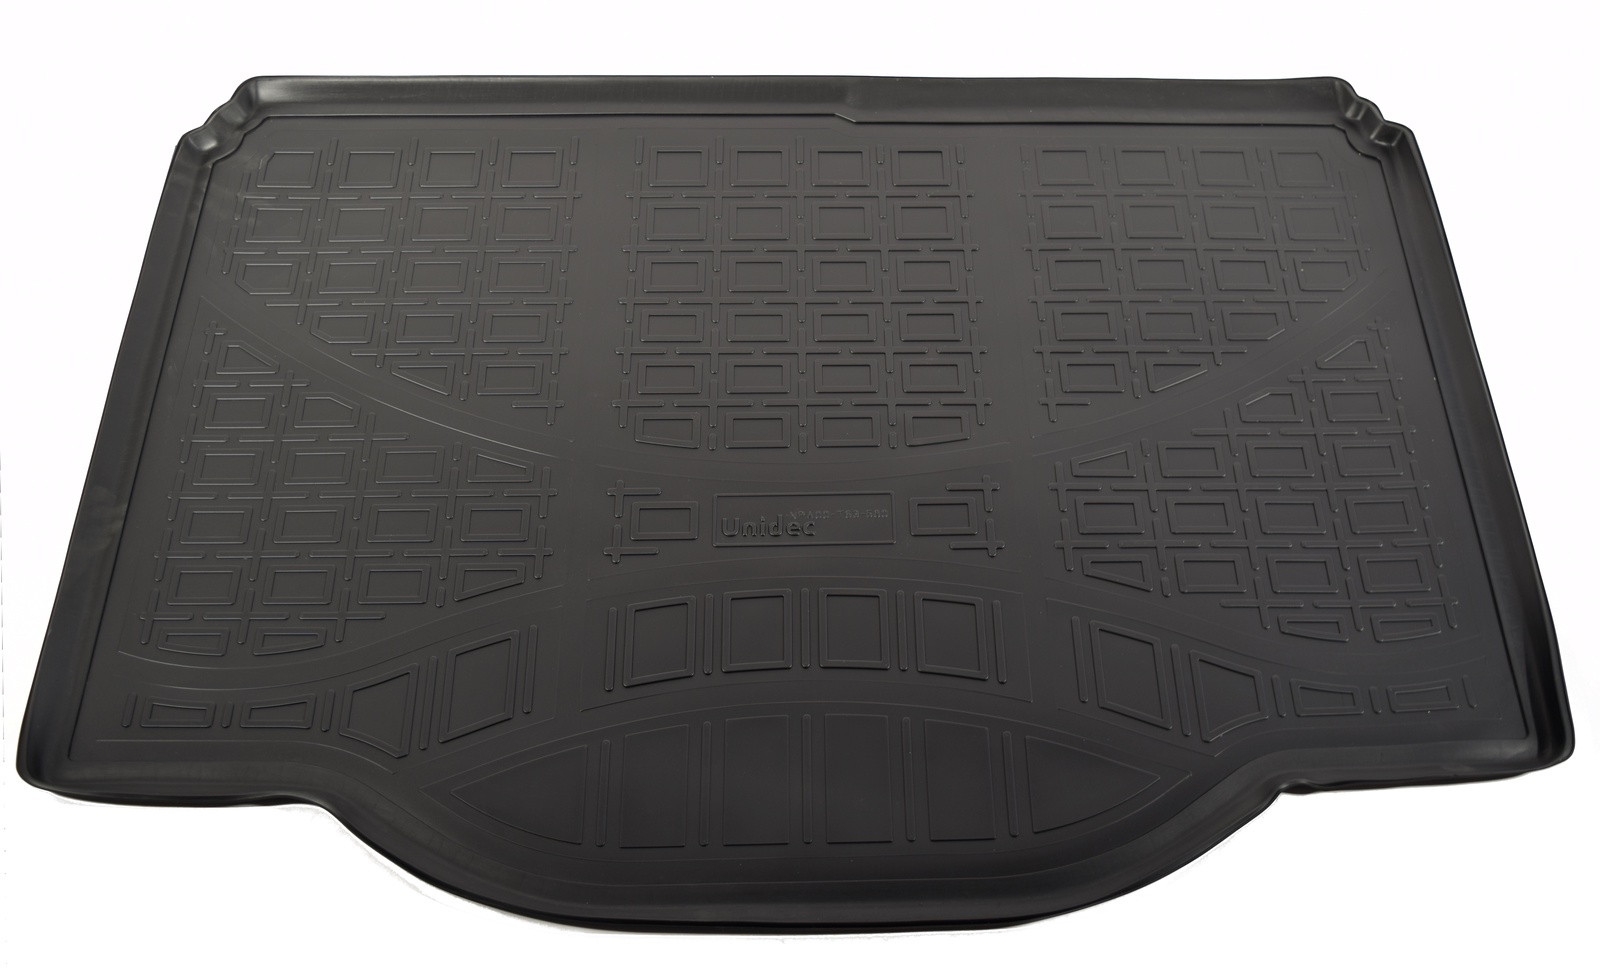 Коврик в багажник NorPlast, для opel zafira c, 2012, 7 мест, разложенный 3 ряд, npa00-t63-911, черный недорго, оригинальная цена